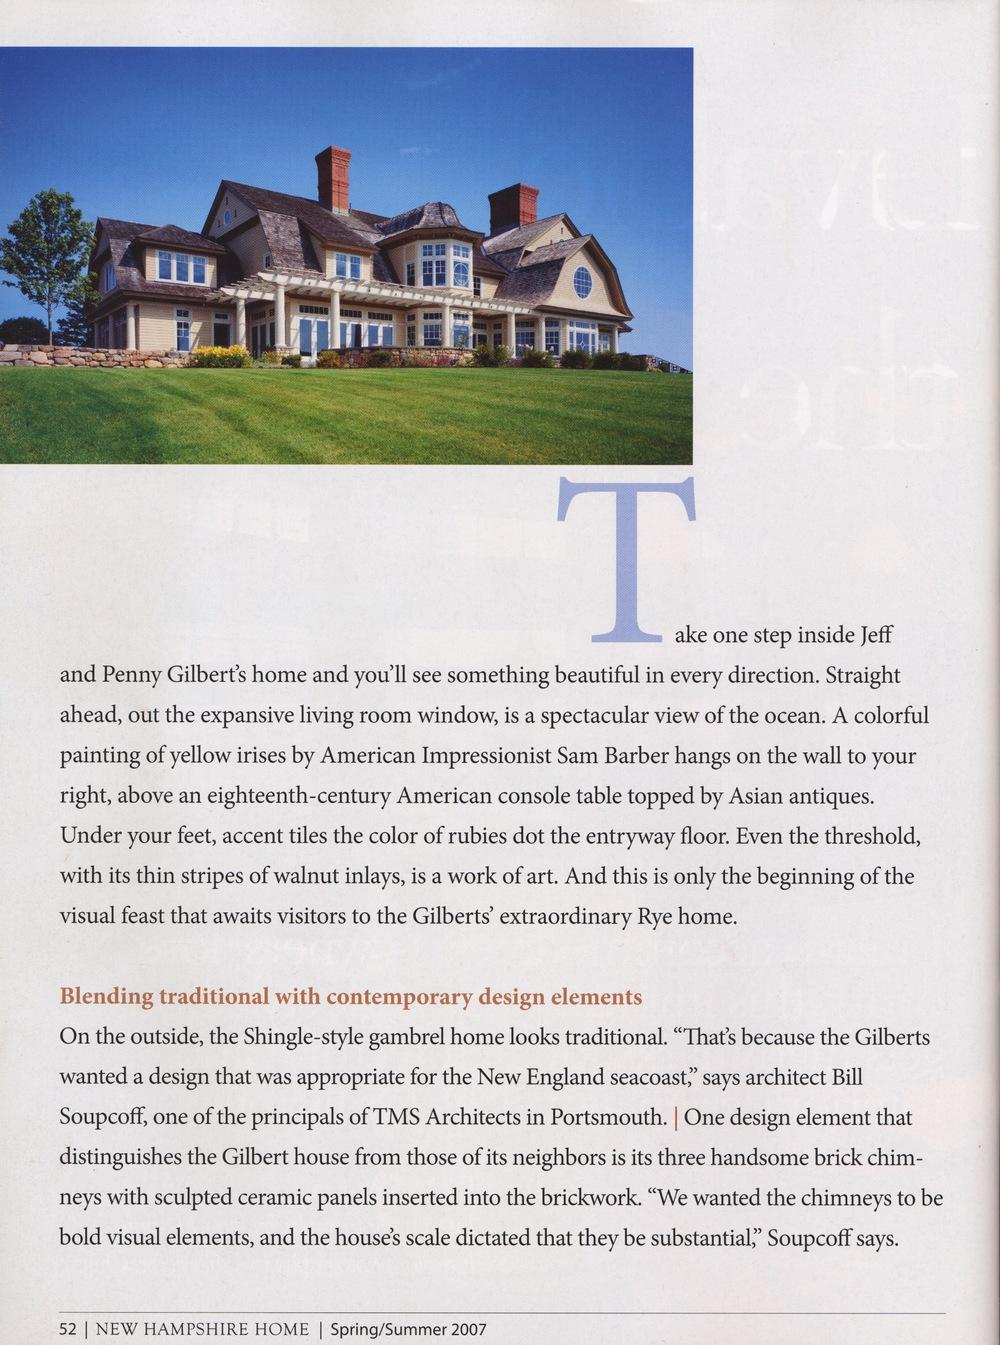 NH Home - Page 1.1.jpg